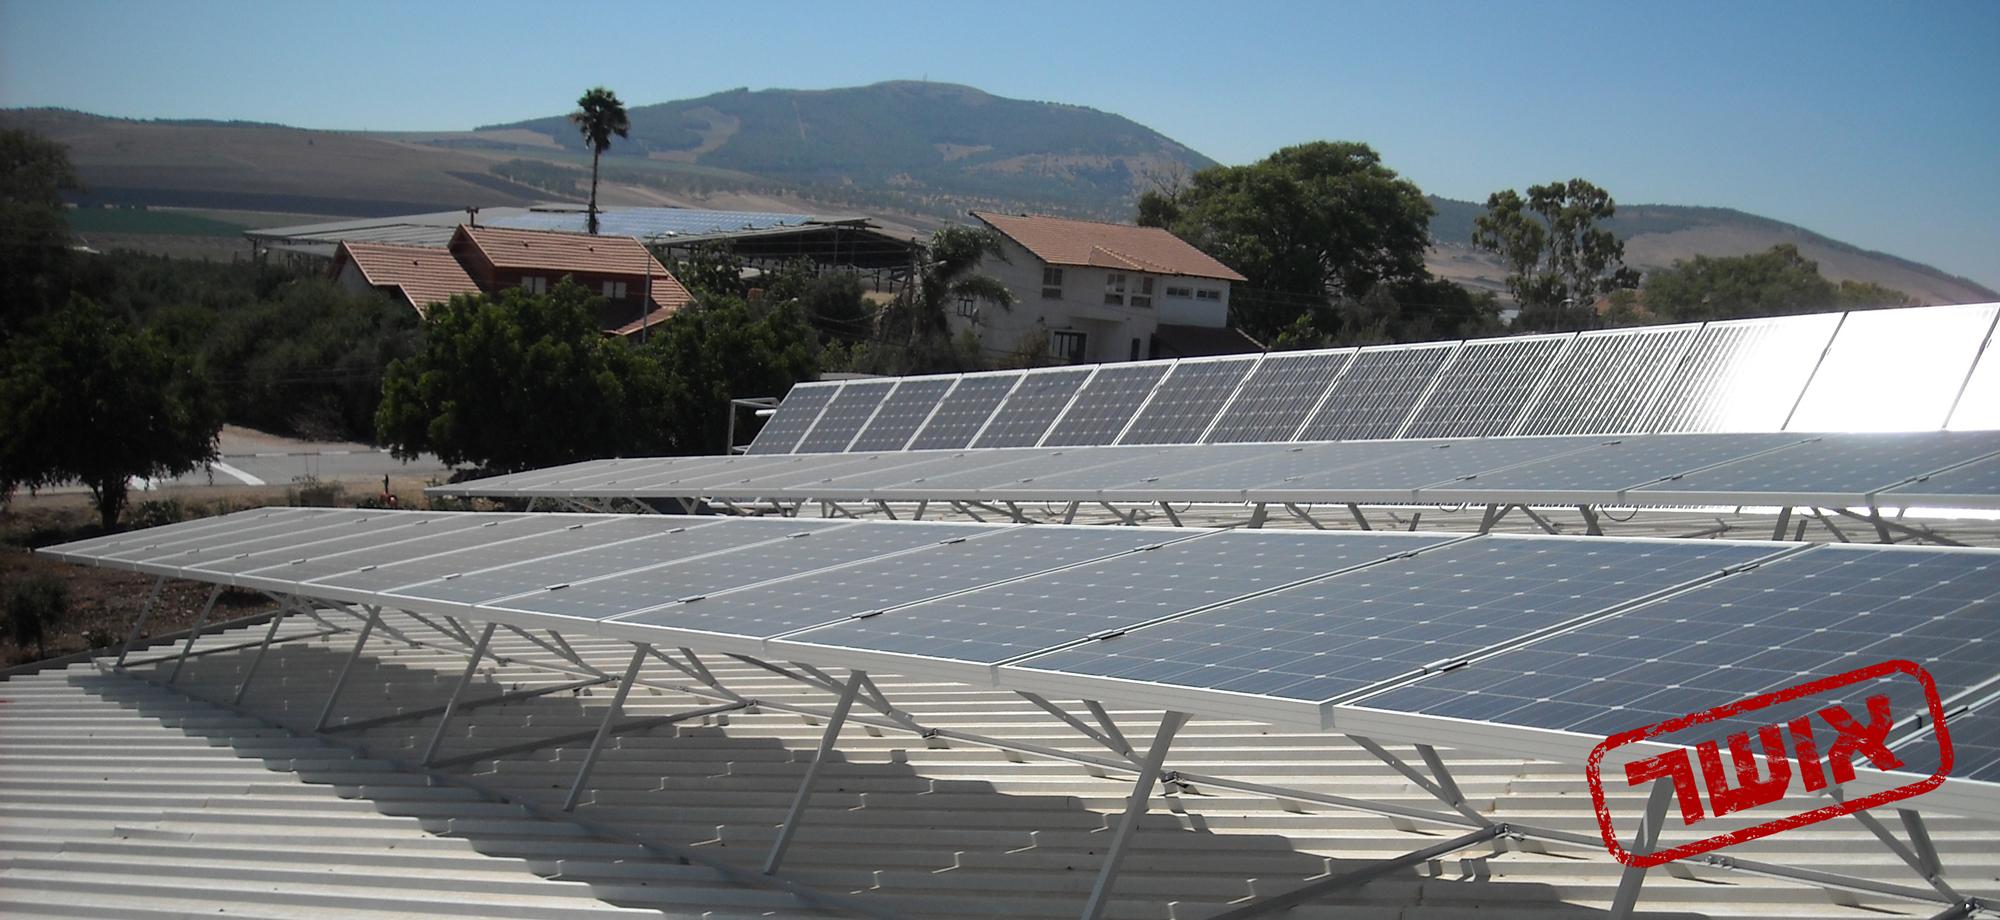 ייצור חשמל מאנרגיות מתחדשות